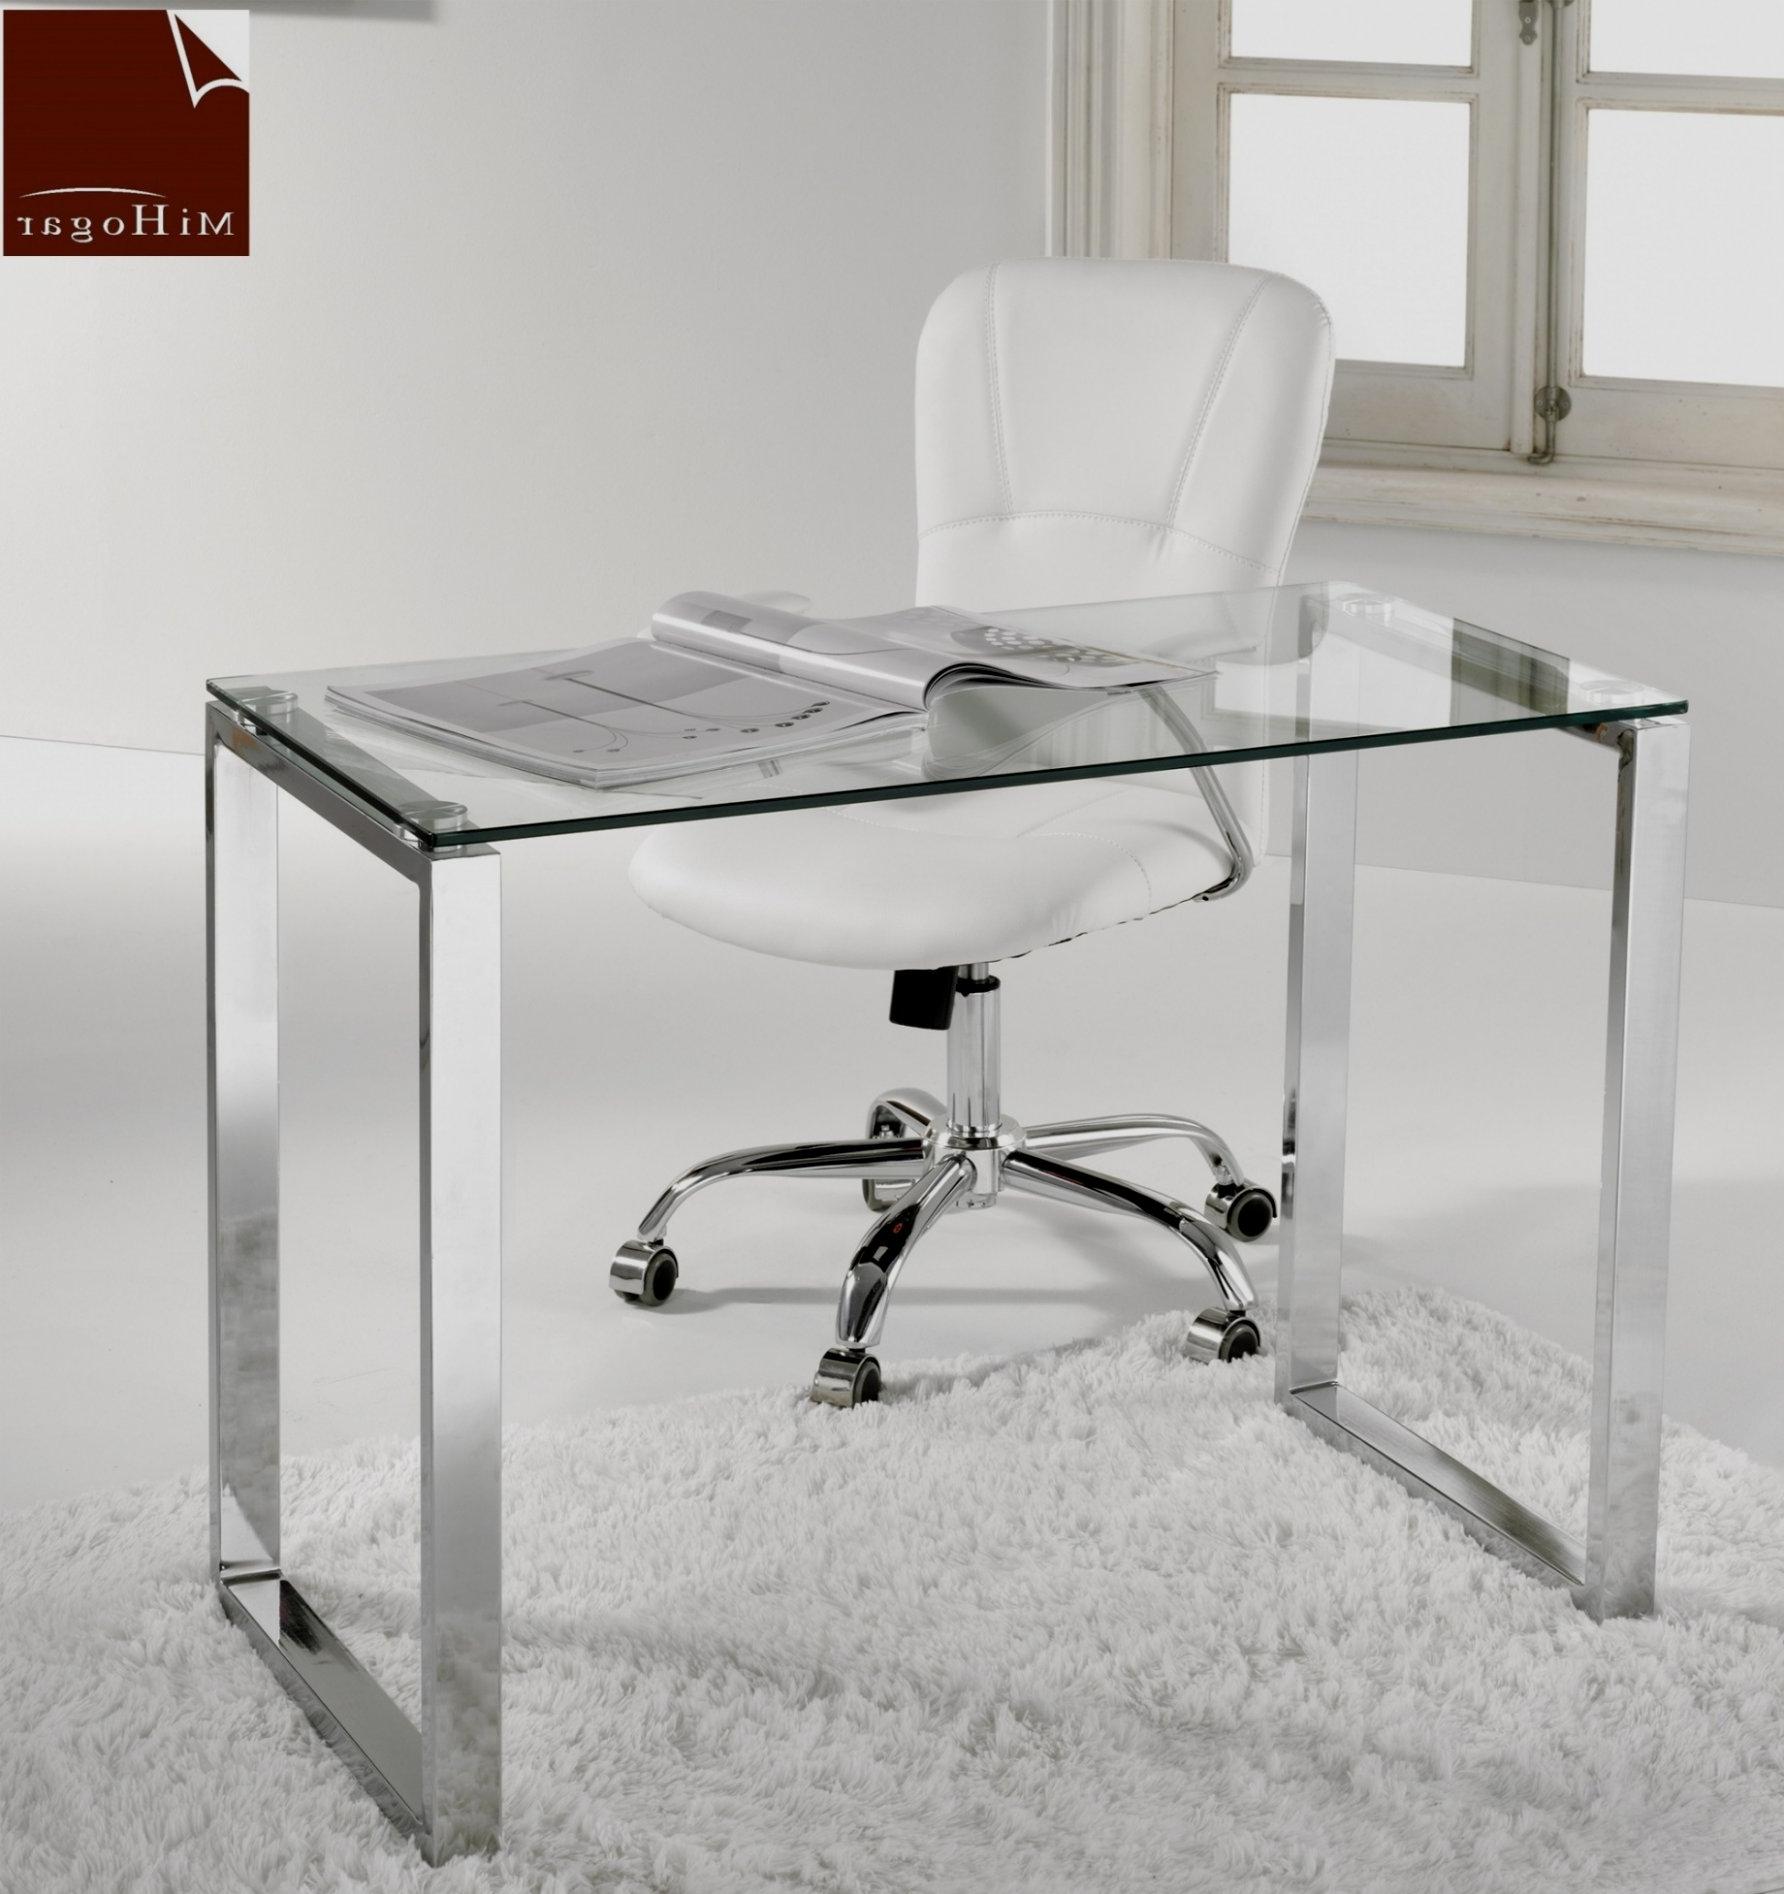 Mesas escritorio el corte ingles finest el corte ingls for Mesas de escritorio el corte ingles